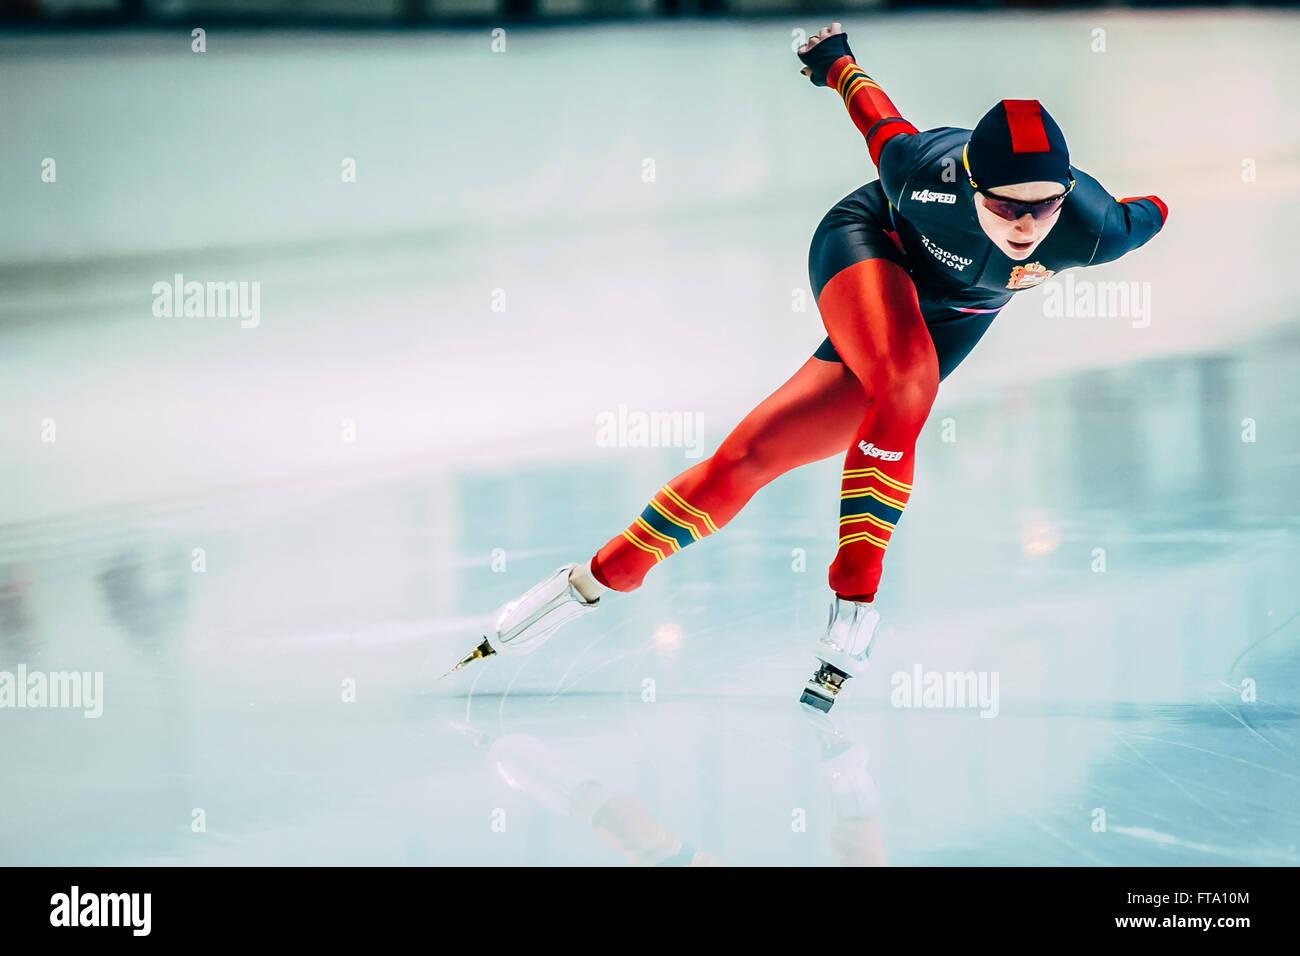 Tscheljabinsk, Russland - 15. Oktober 2015: Sportlerin Speedskater Track läuft beim Cup of Russia auf Eisschnelllauf Stockbild